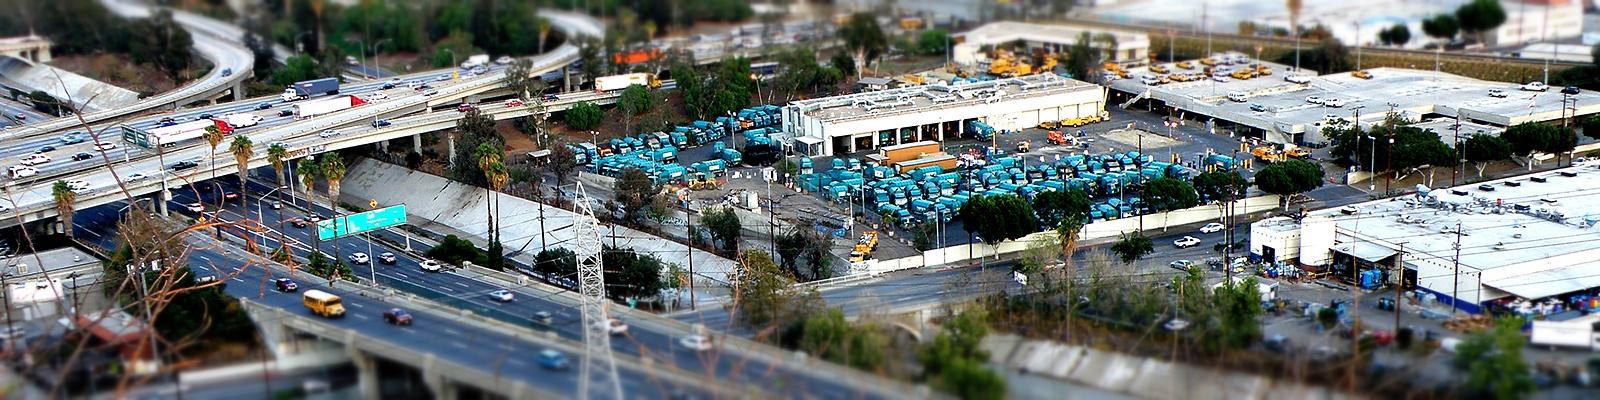 カリフォルニア ゴミ収集車